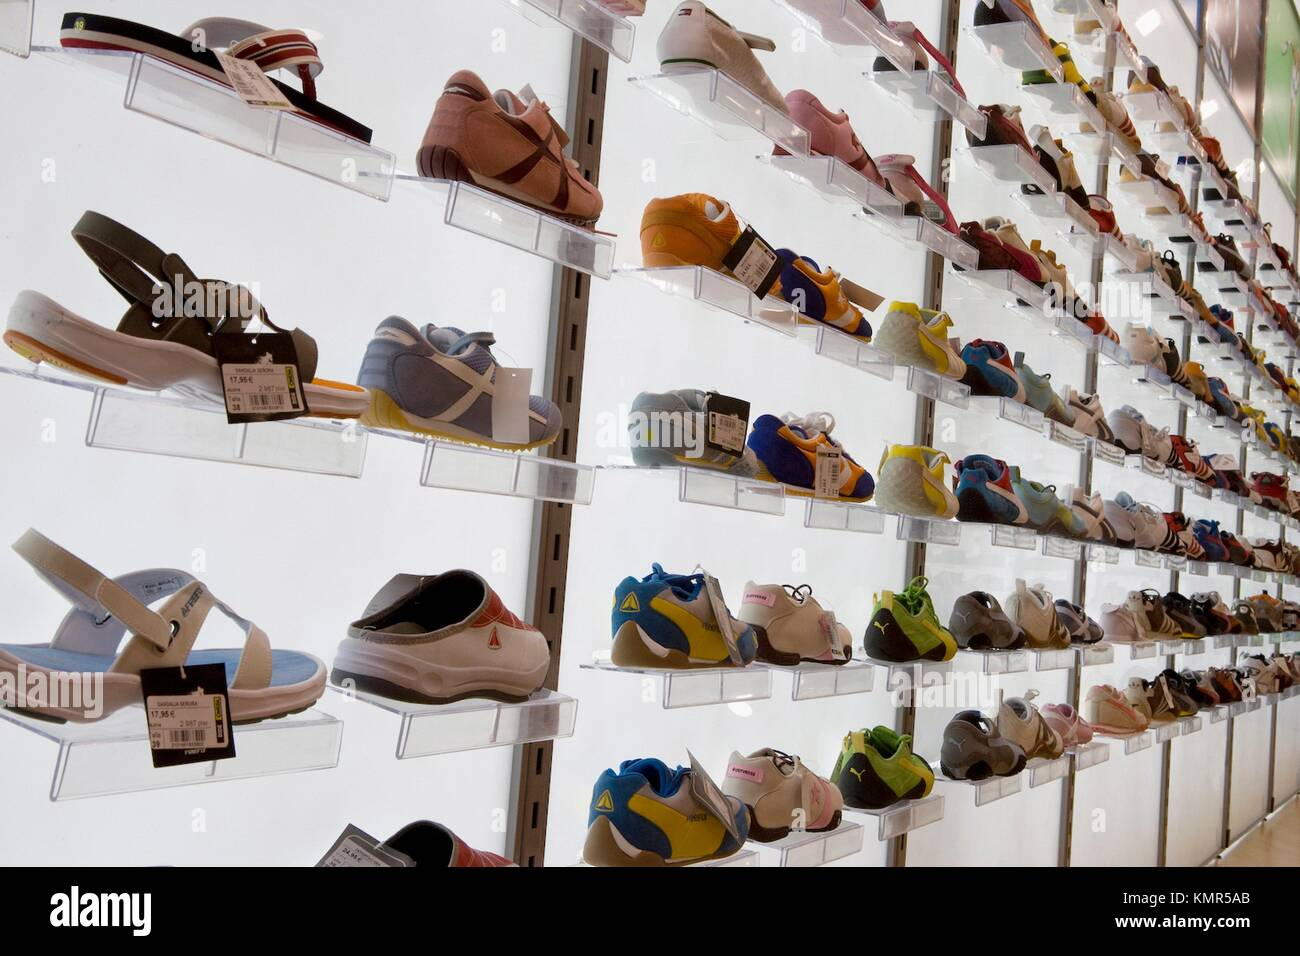 33897a376735b Sports Shoes In Shoe Shop Immagini   Sports Shoes In Shoe Shop Fotos ...